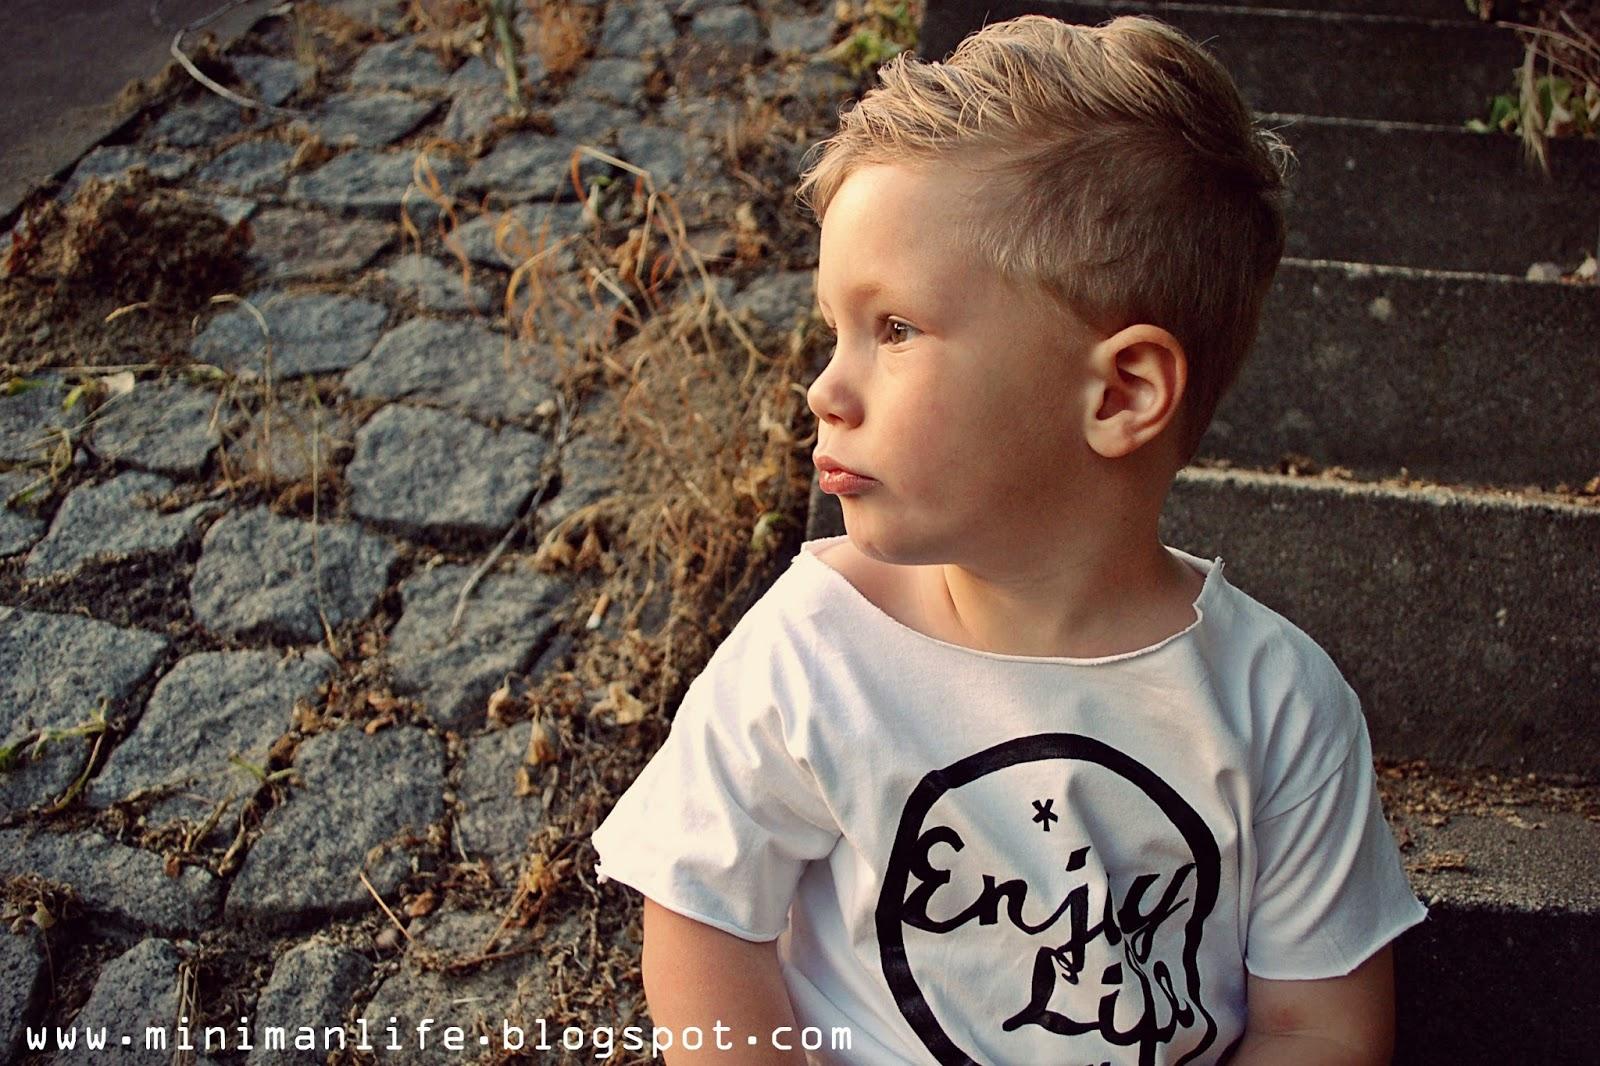 http://minimanlife.blogspot.com/2014/06/dzieciece-marzenia.html